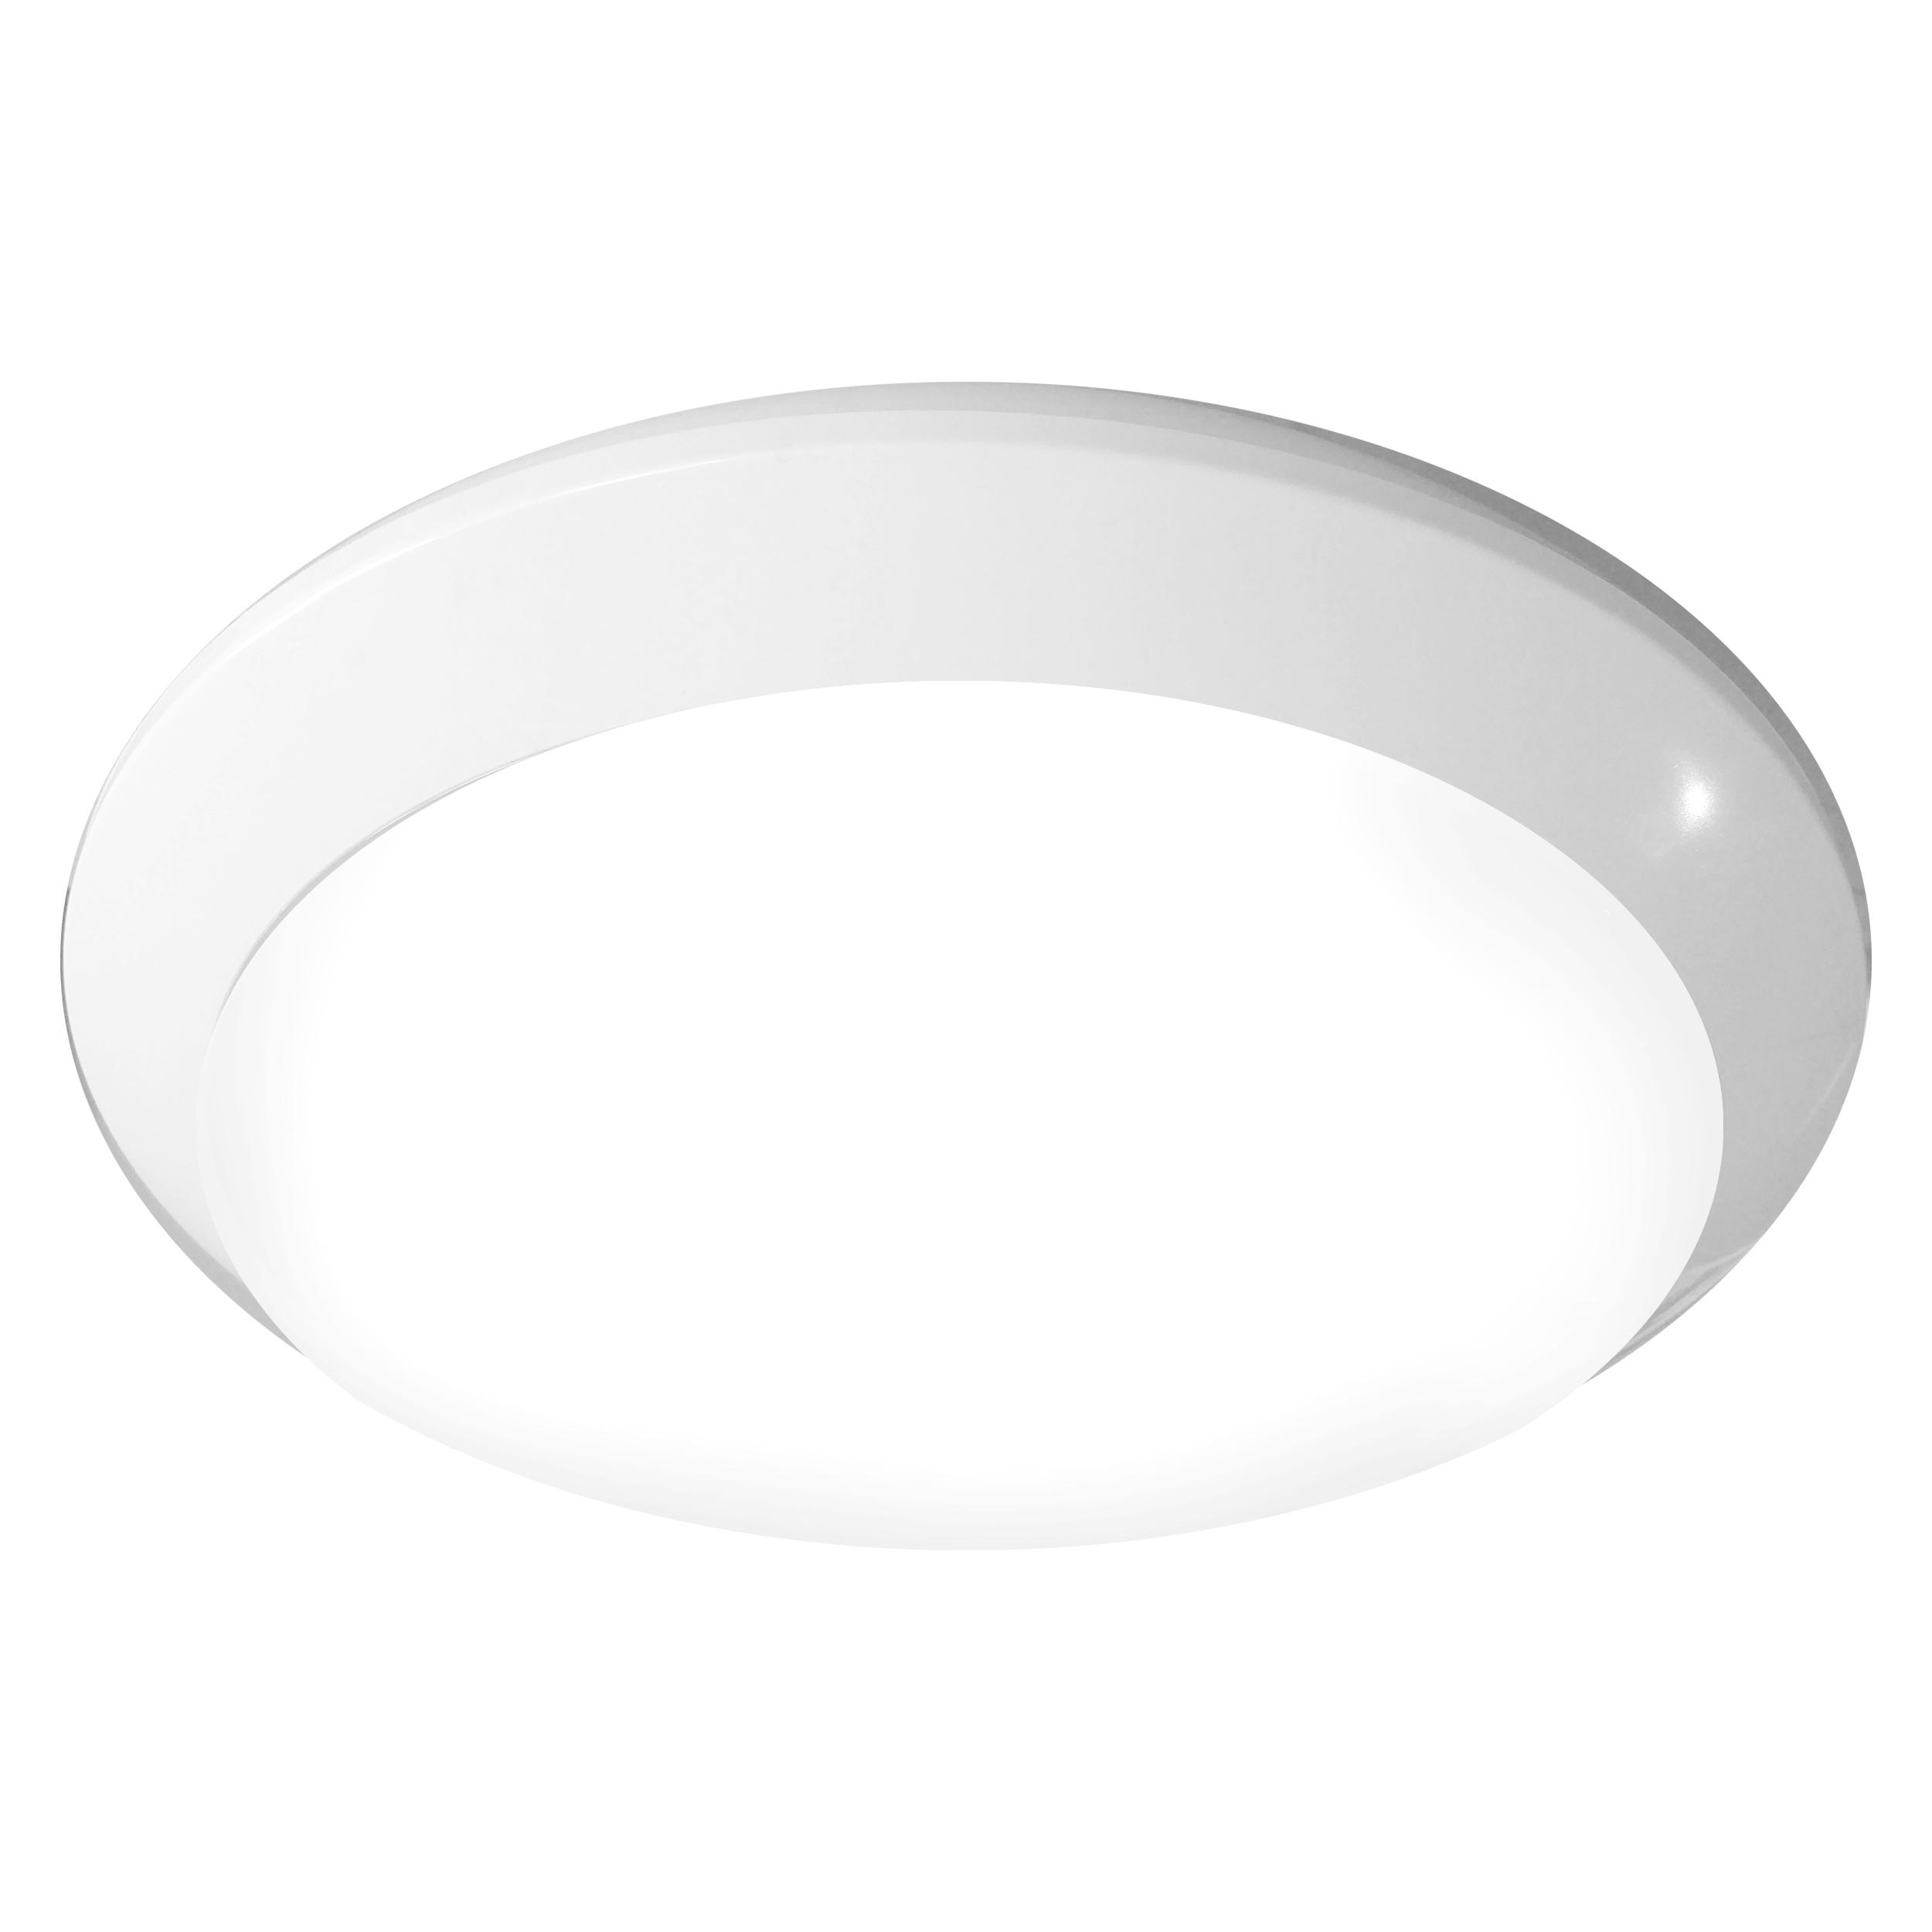 LED přisazené svítidlo RENO PROFI W 22W NW Greenlux (GXPR076)